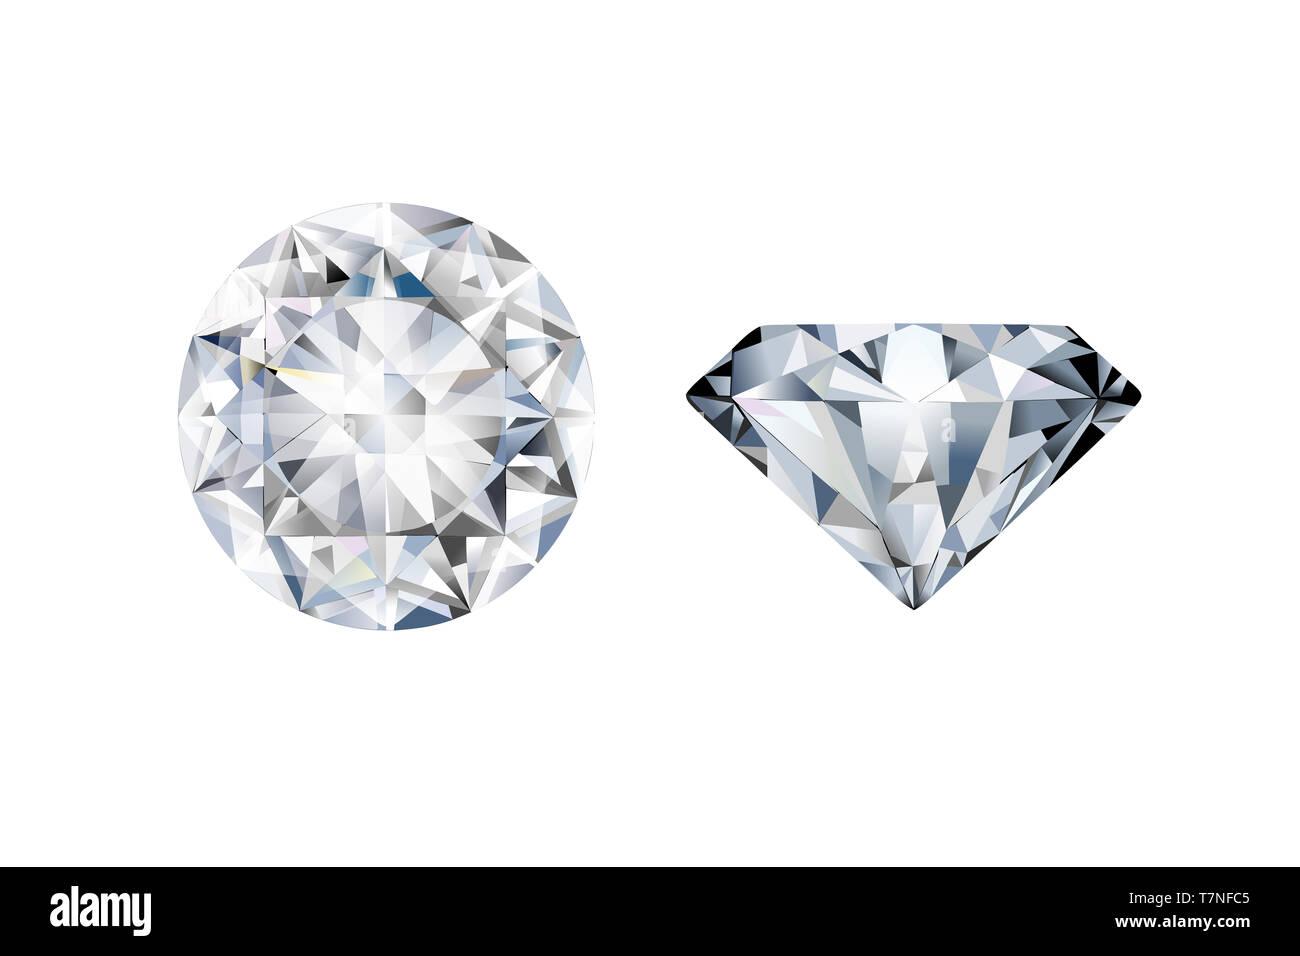 9ced75eacd3a Dos diamantes realista en diferentes perspectivas sobre un fondo blanco.  Imagen De Stock